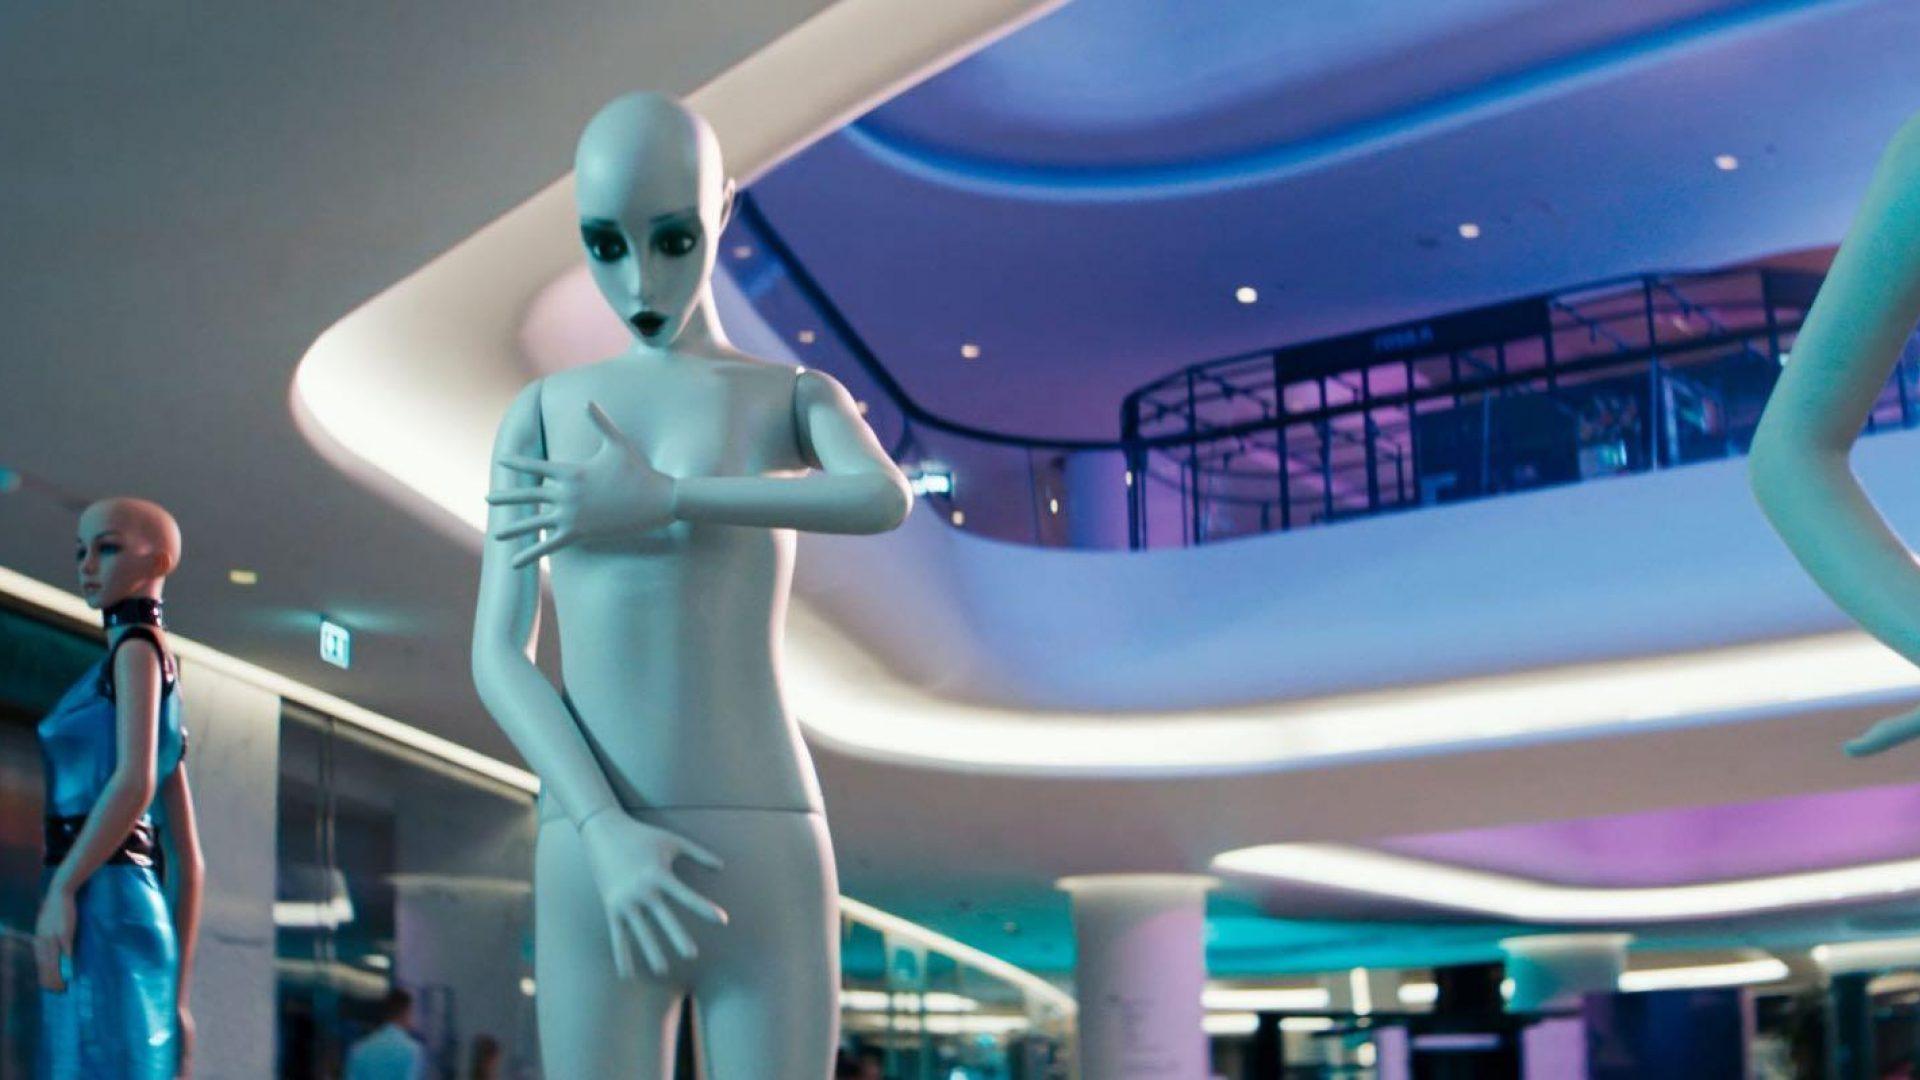 Tele2 Mannequin